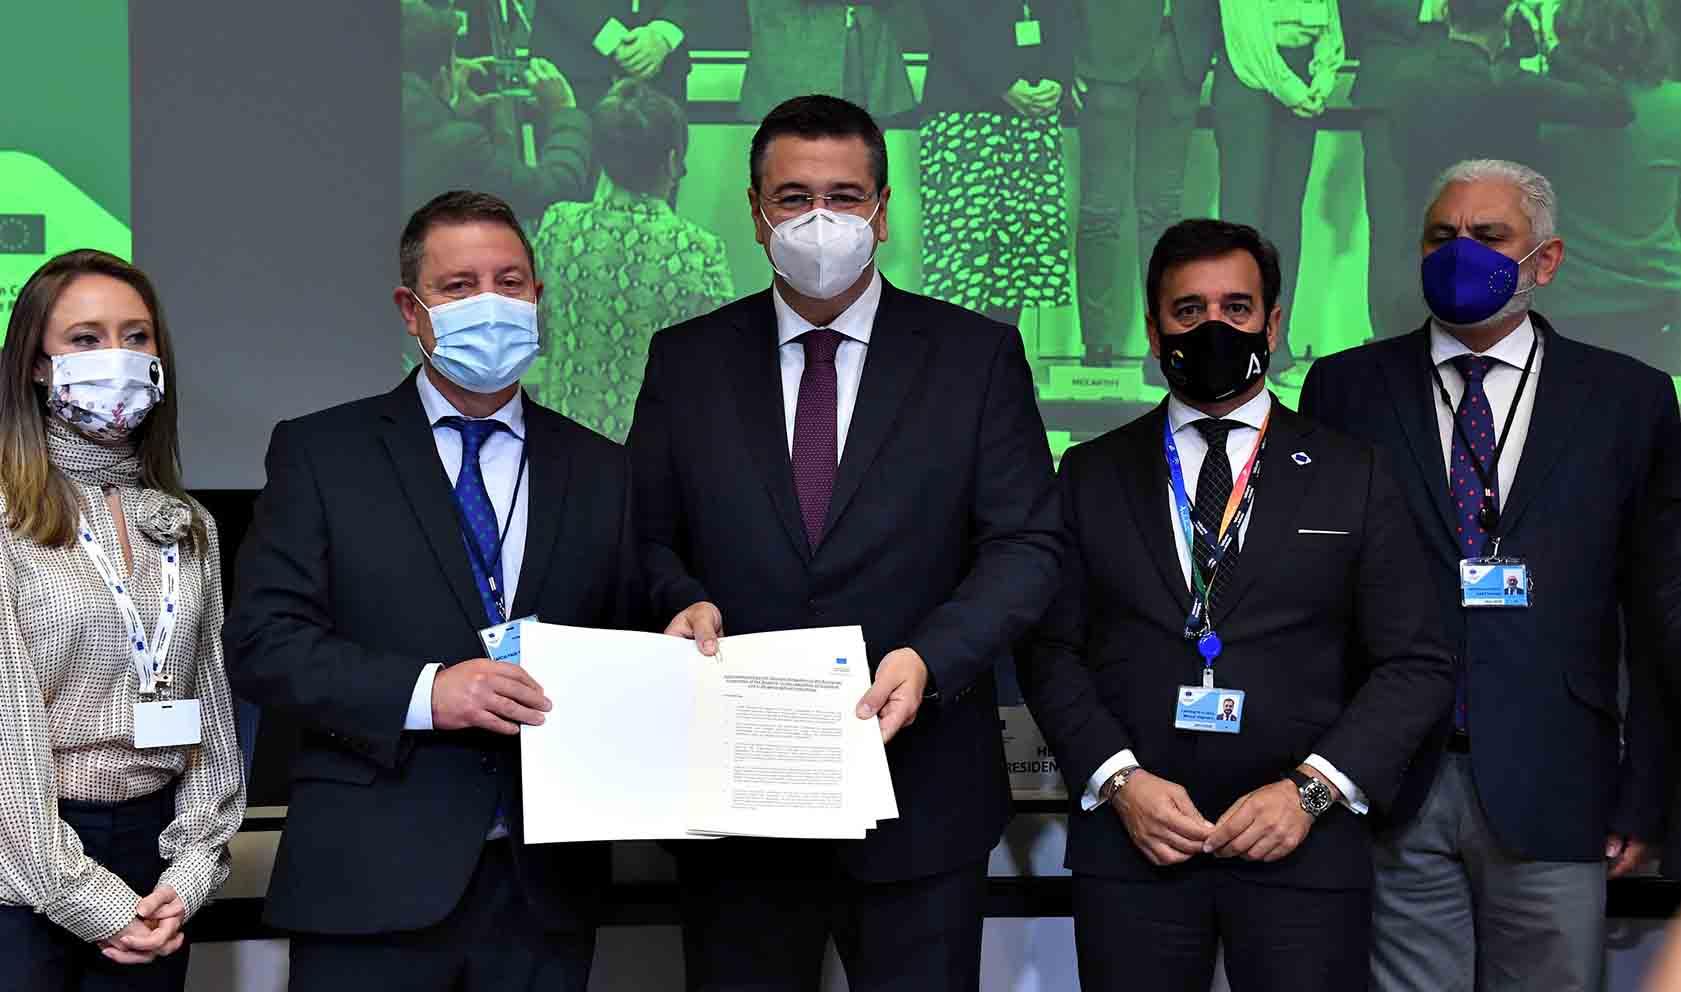 Page ha defendido la iniciativa de Castilla-La Mancha para proteger la industria y artesanía.